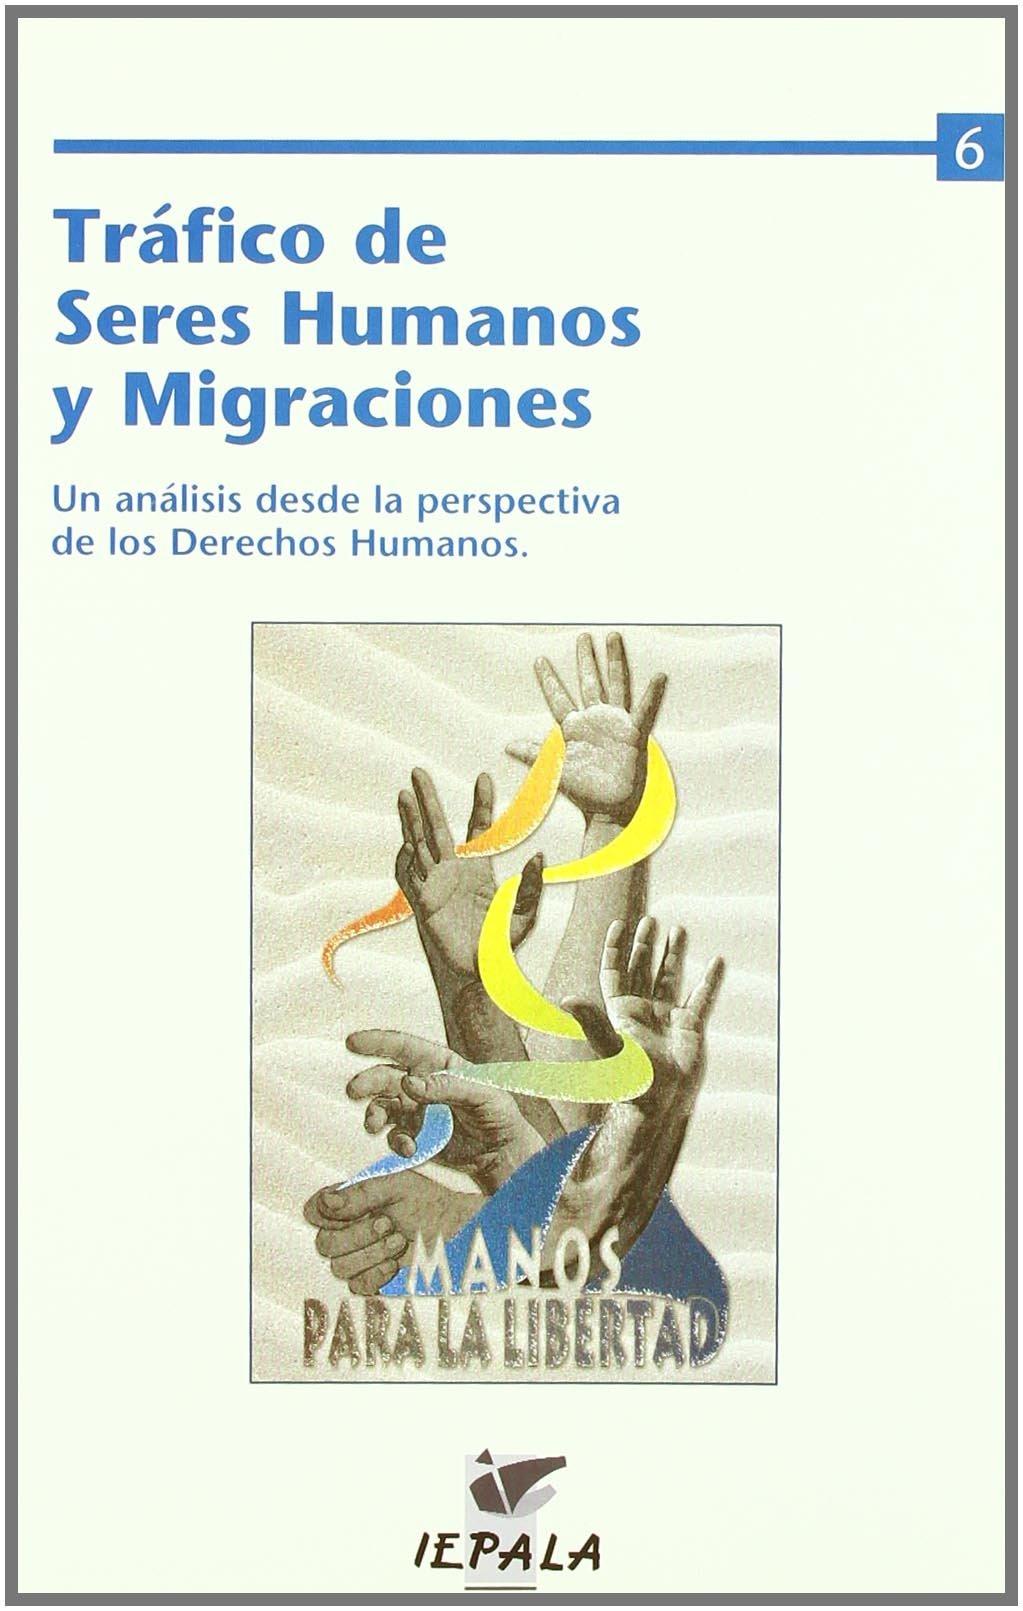 Download Tráfico de seres humanos y migraciones : un análisis desde la perspectiva de los derechos humanos : conferencia internacional celebrada los días 4 y 5 de marzo de 2005 en Lisboa (Portugal) pdf